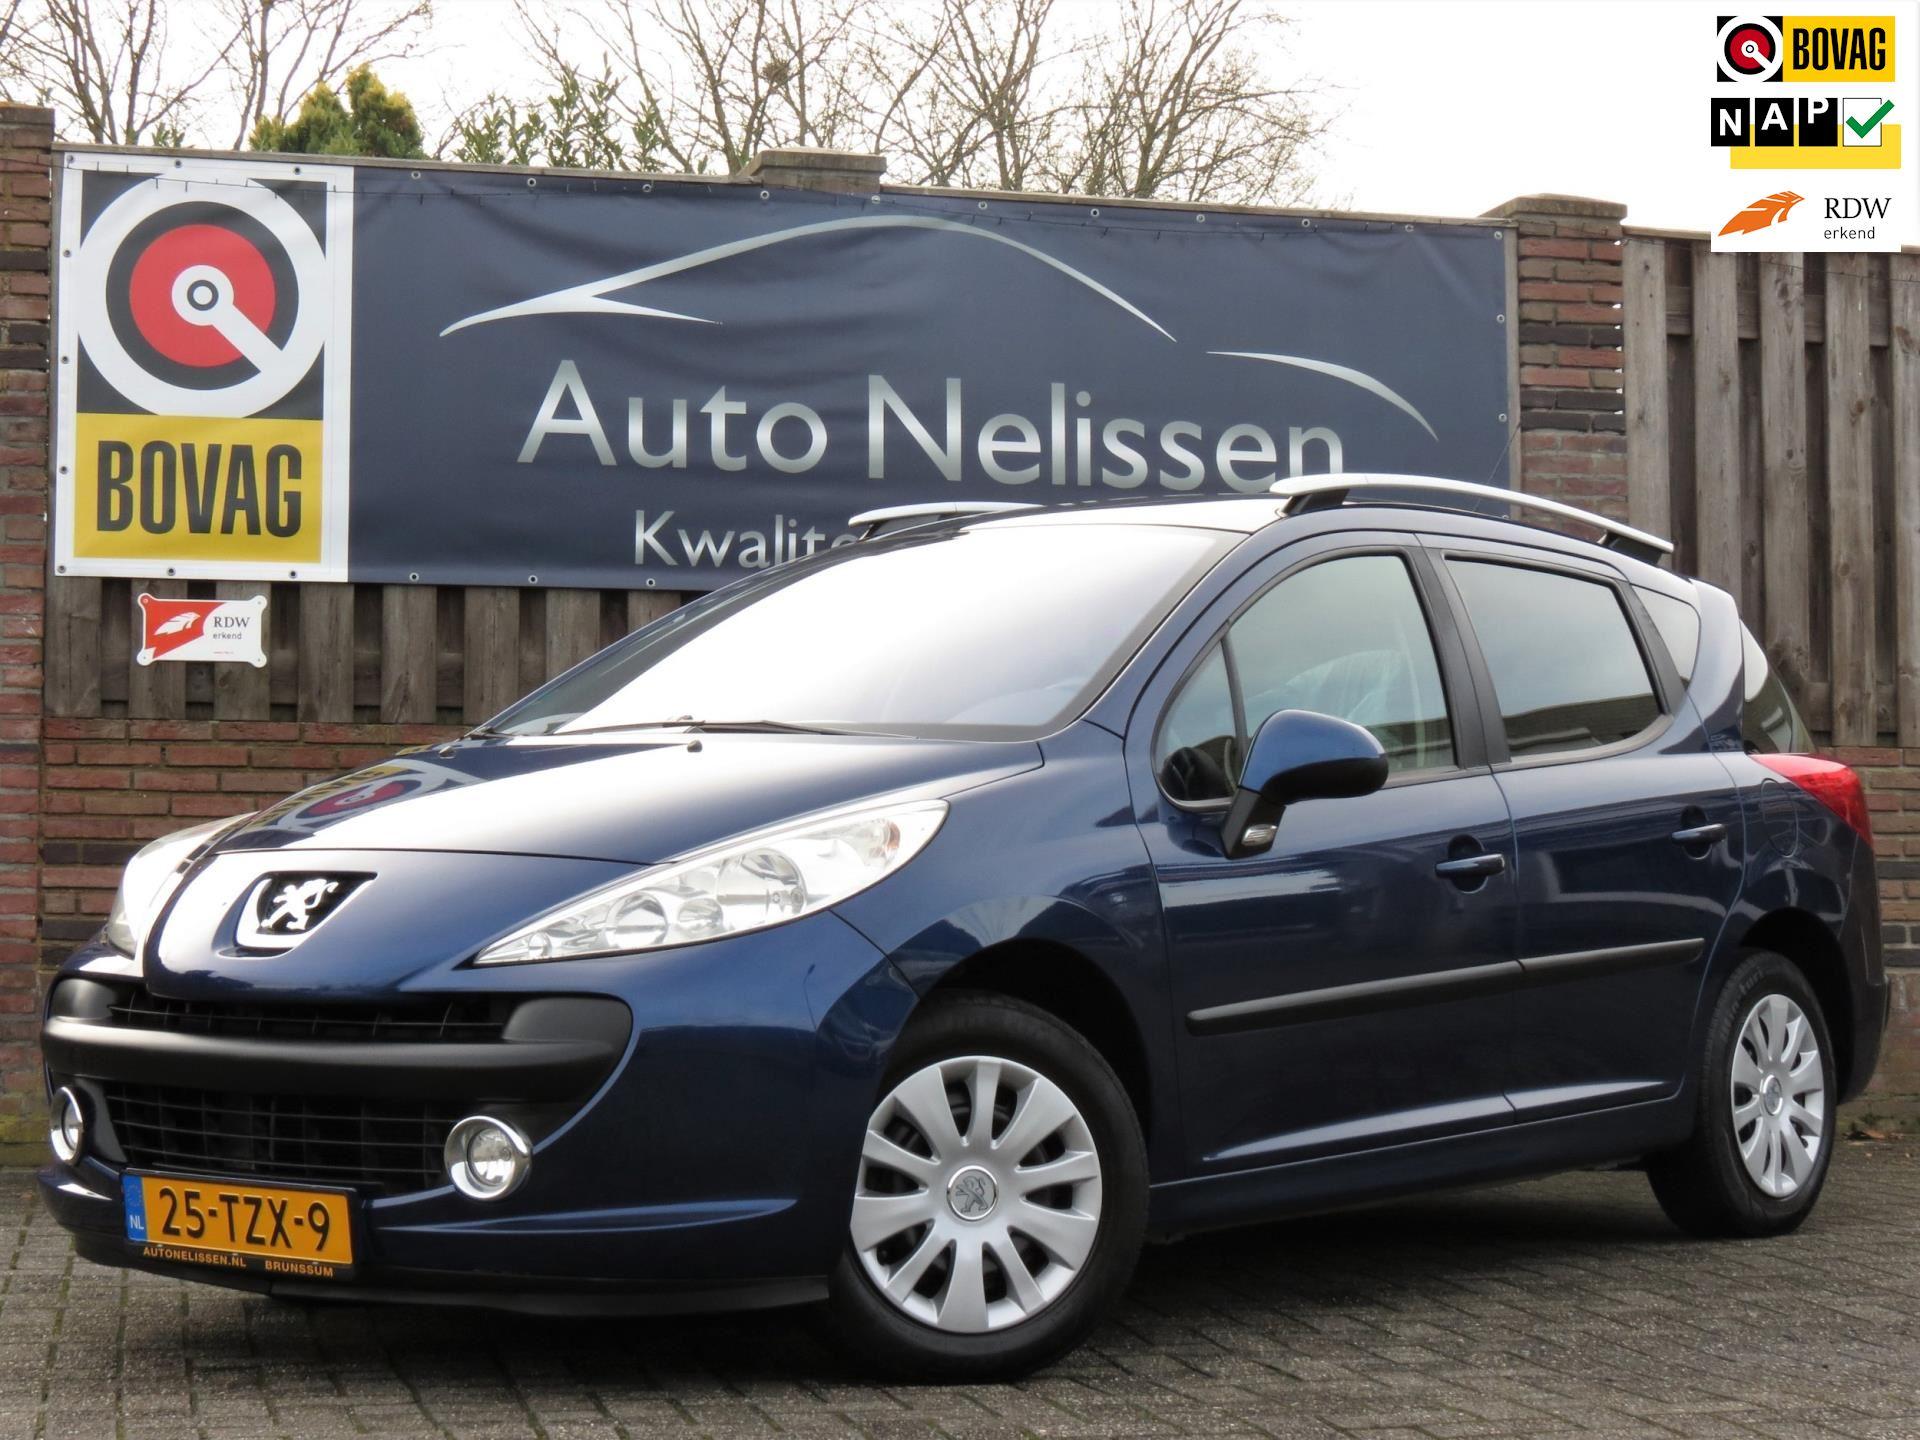 Peugeot 207 SW occasion - Auto Nelissen